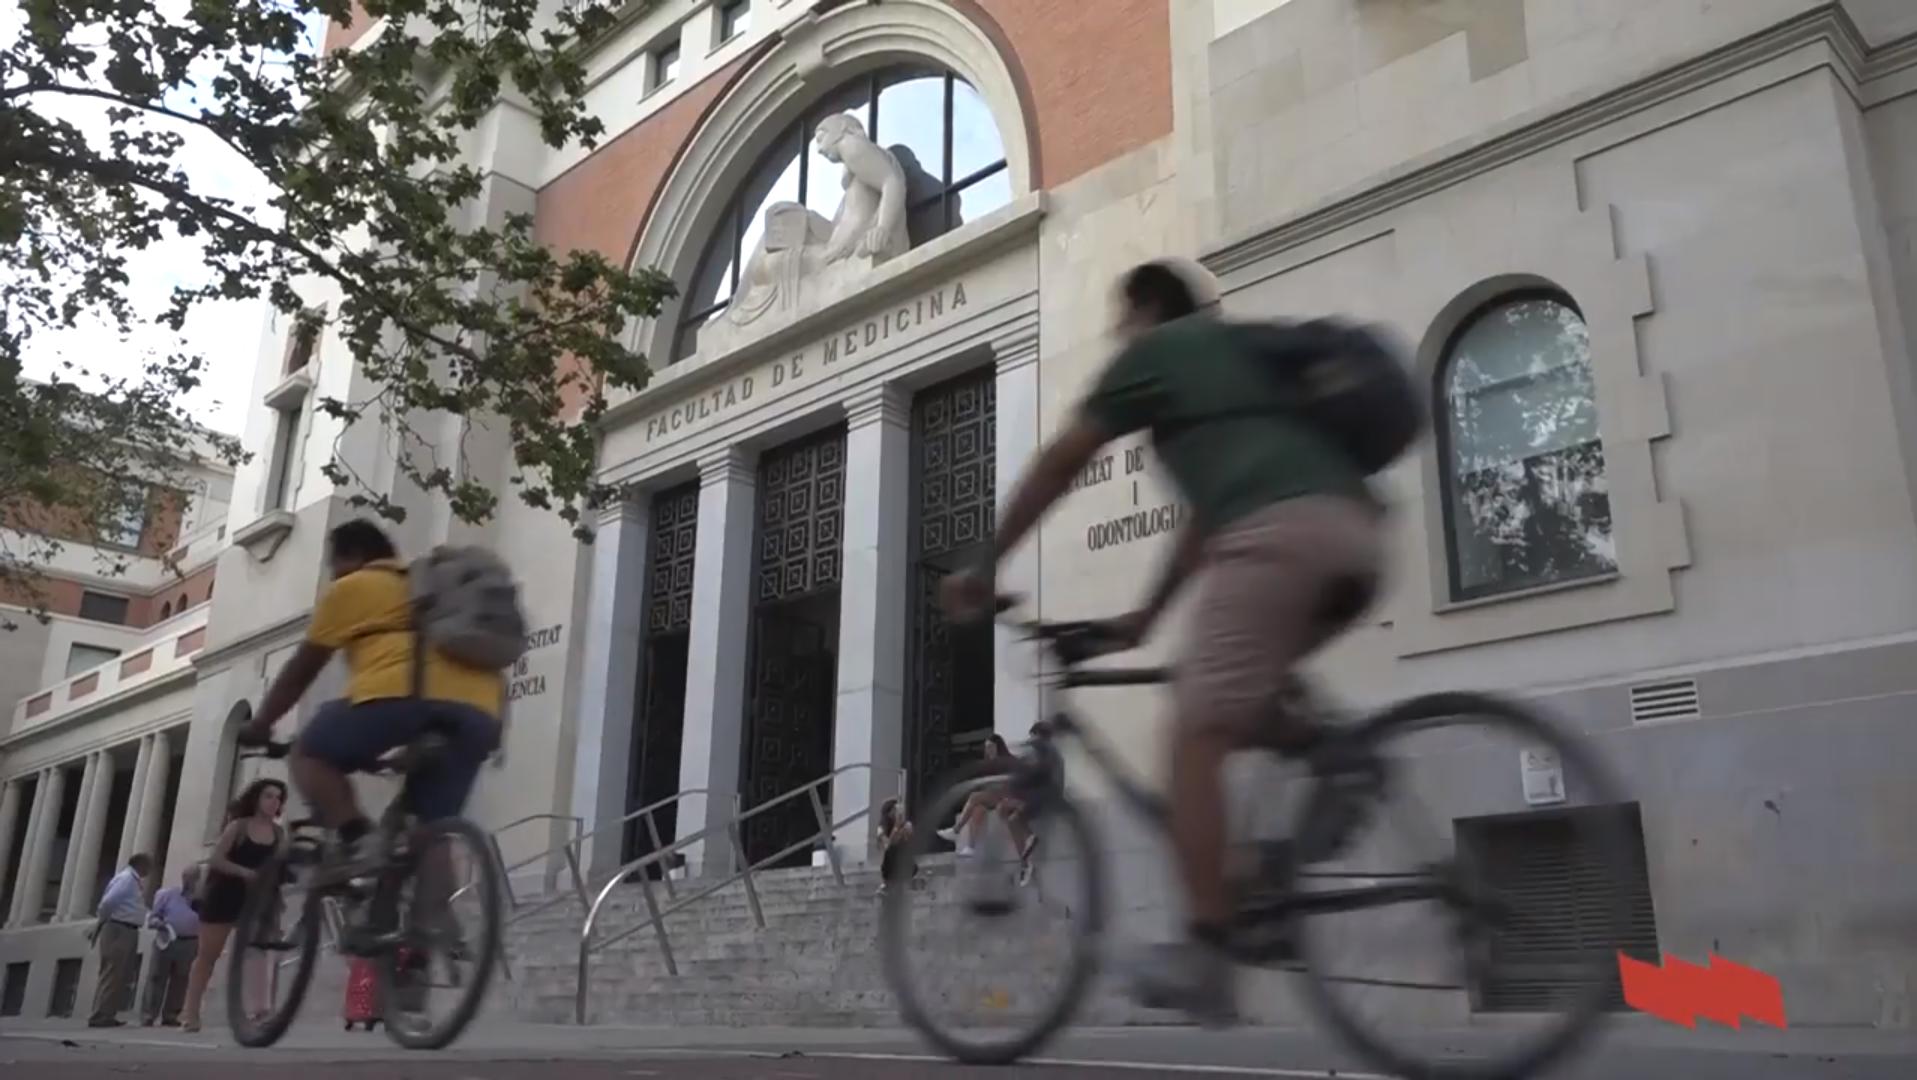 STEPV Quatre anys amb la universitat pública